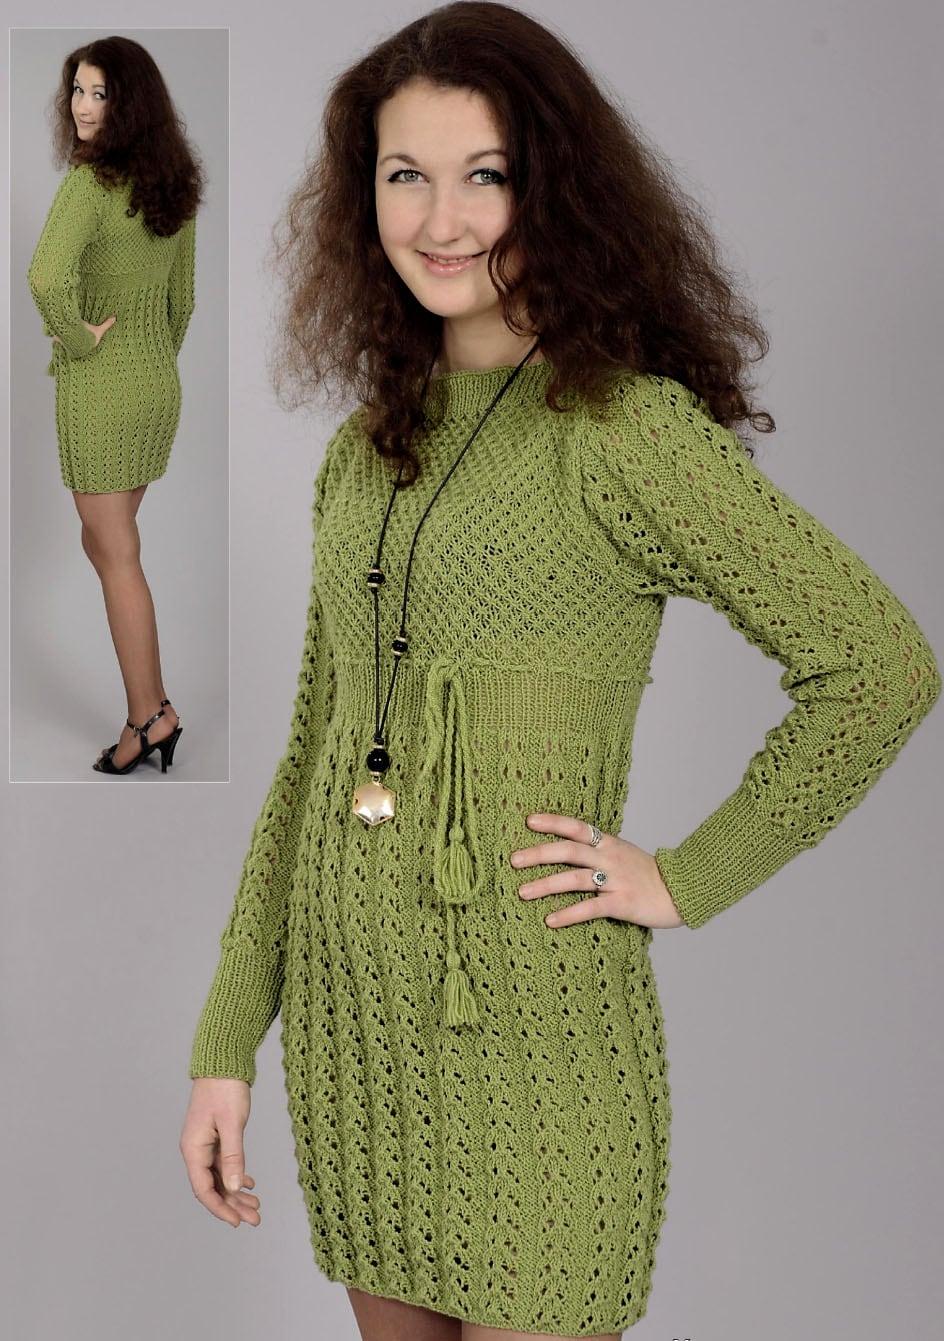 Tejer vestidos de punto mujer